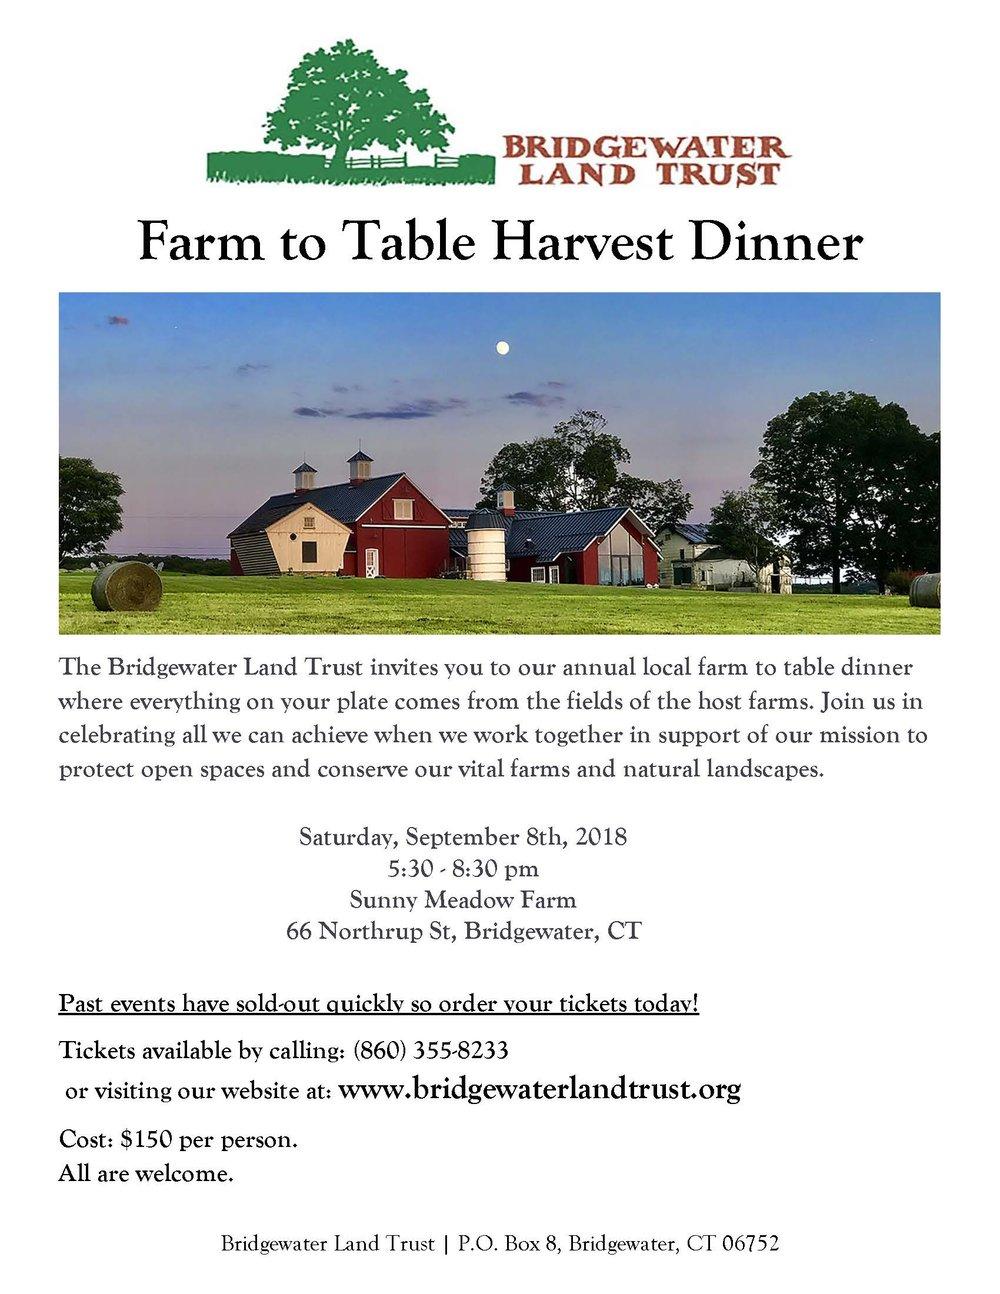 Farm to Table Harvest Dinner Flyer.jpg